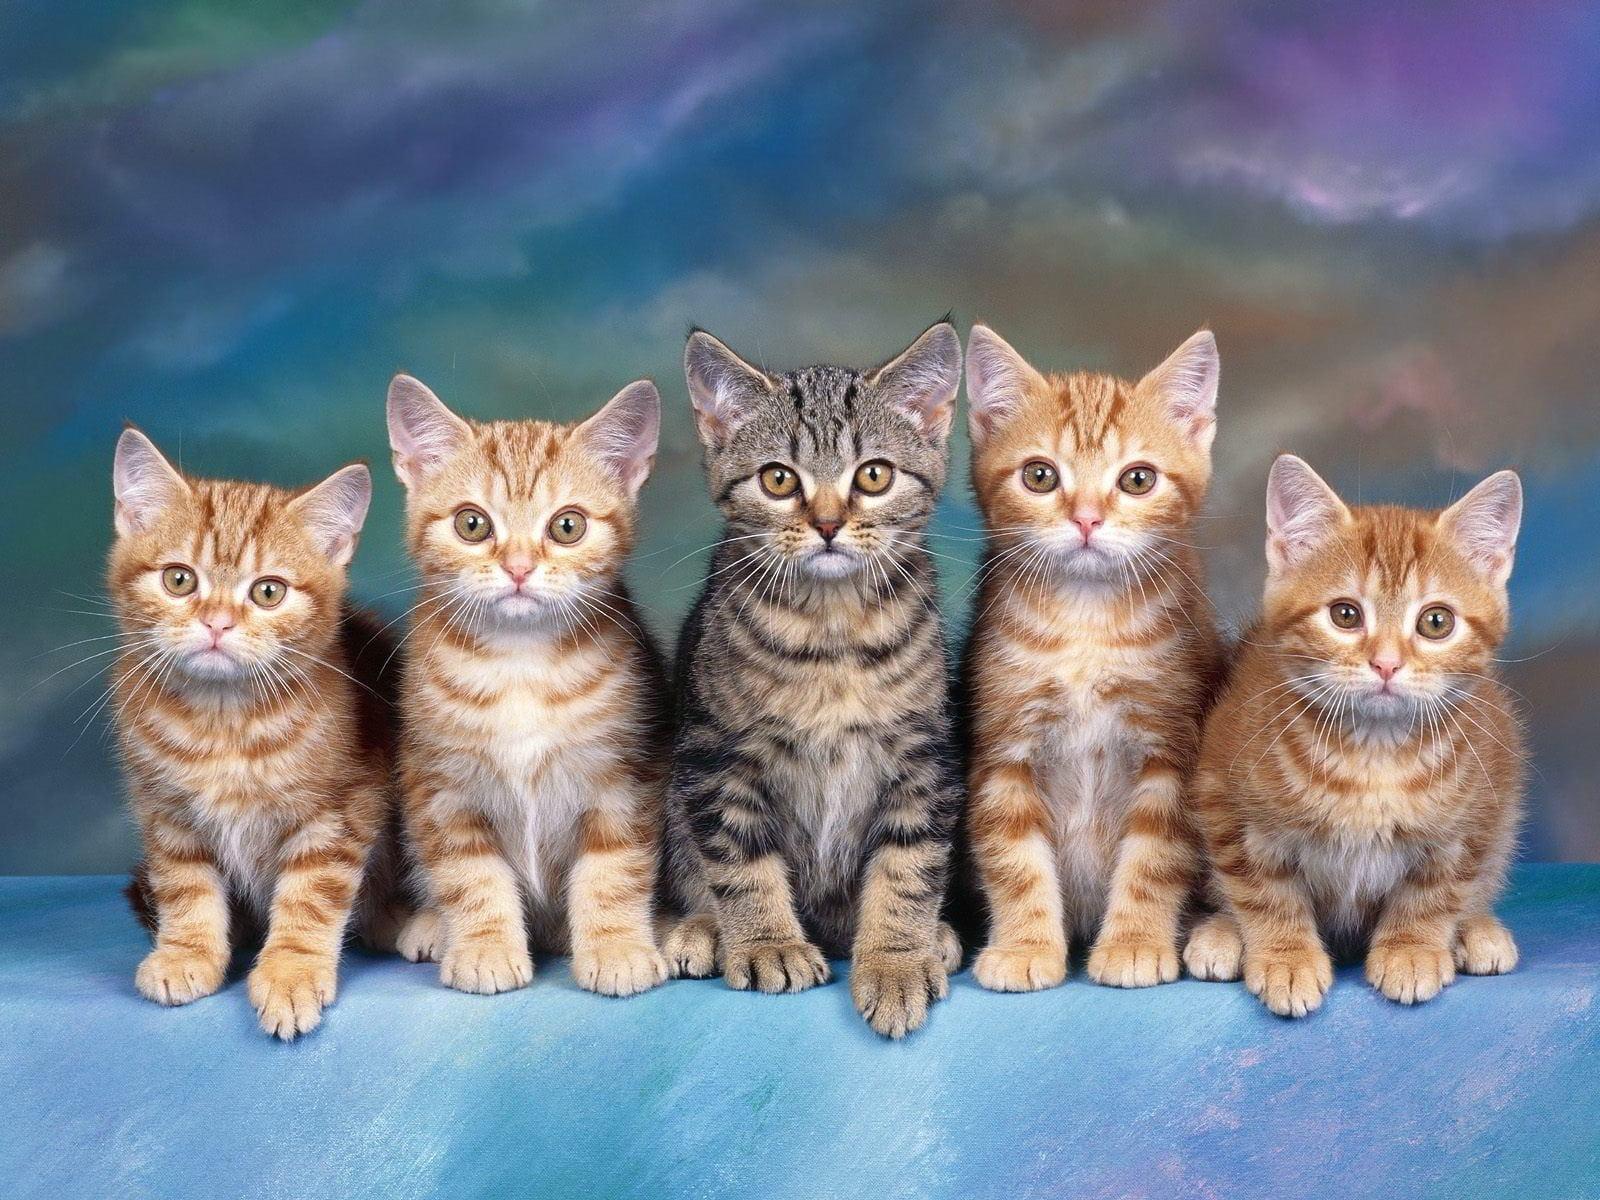 Hình ảnh anh em nhà mèo cũng rất dễ thương và đáng yêu phải không nào